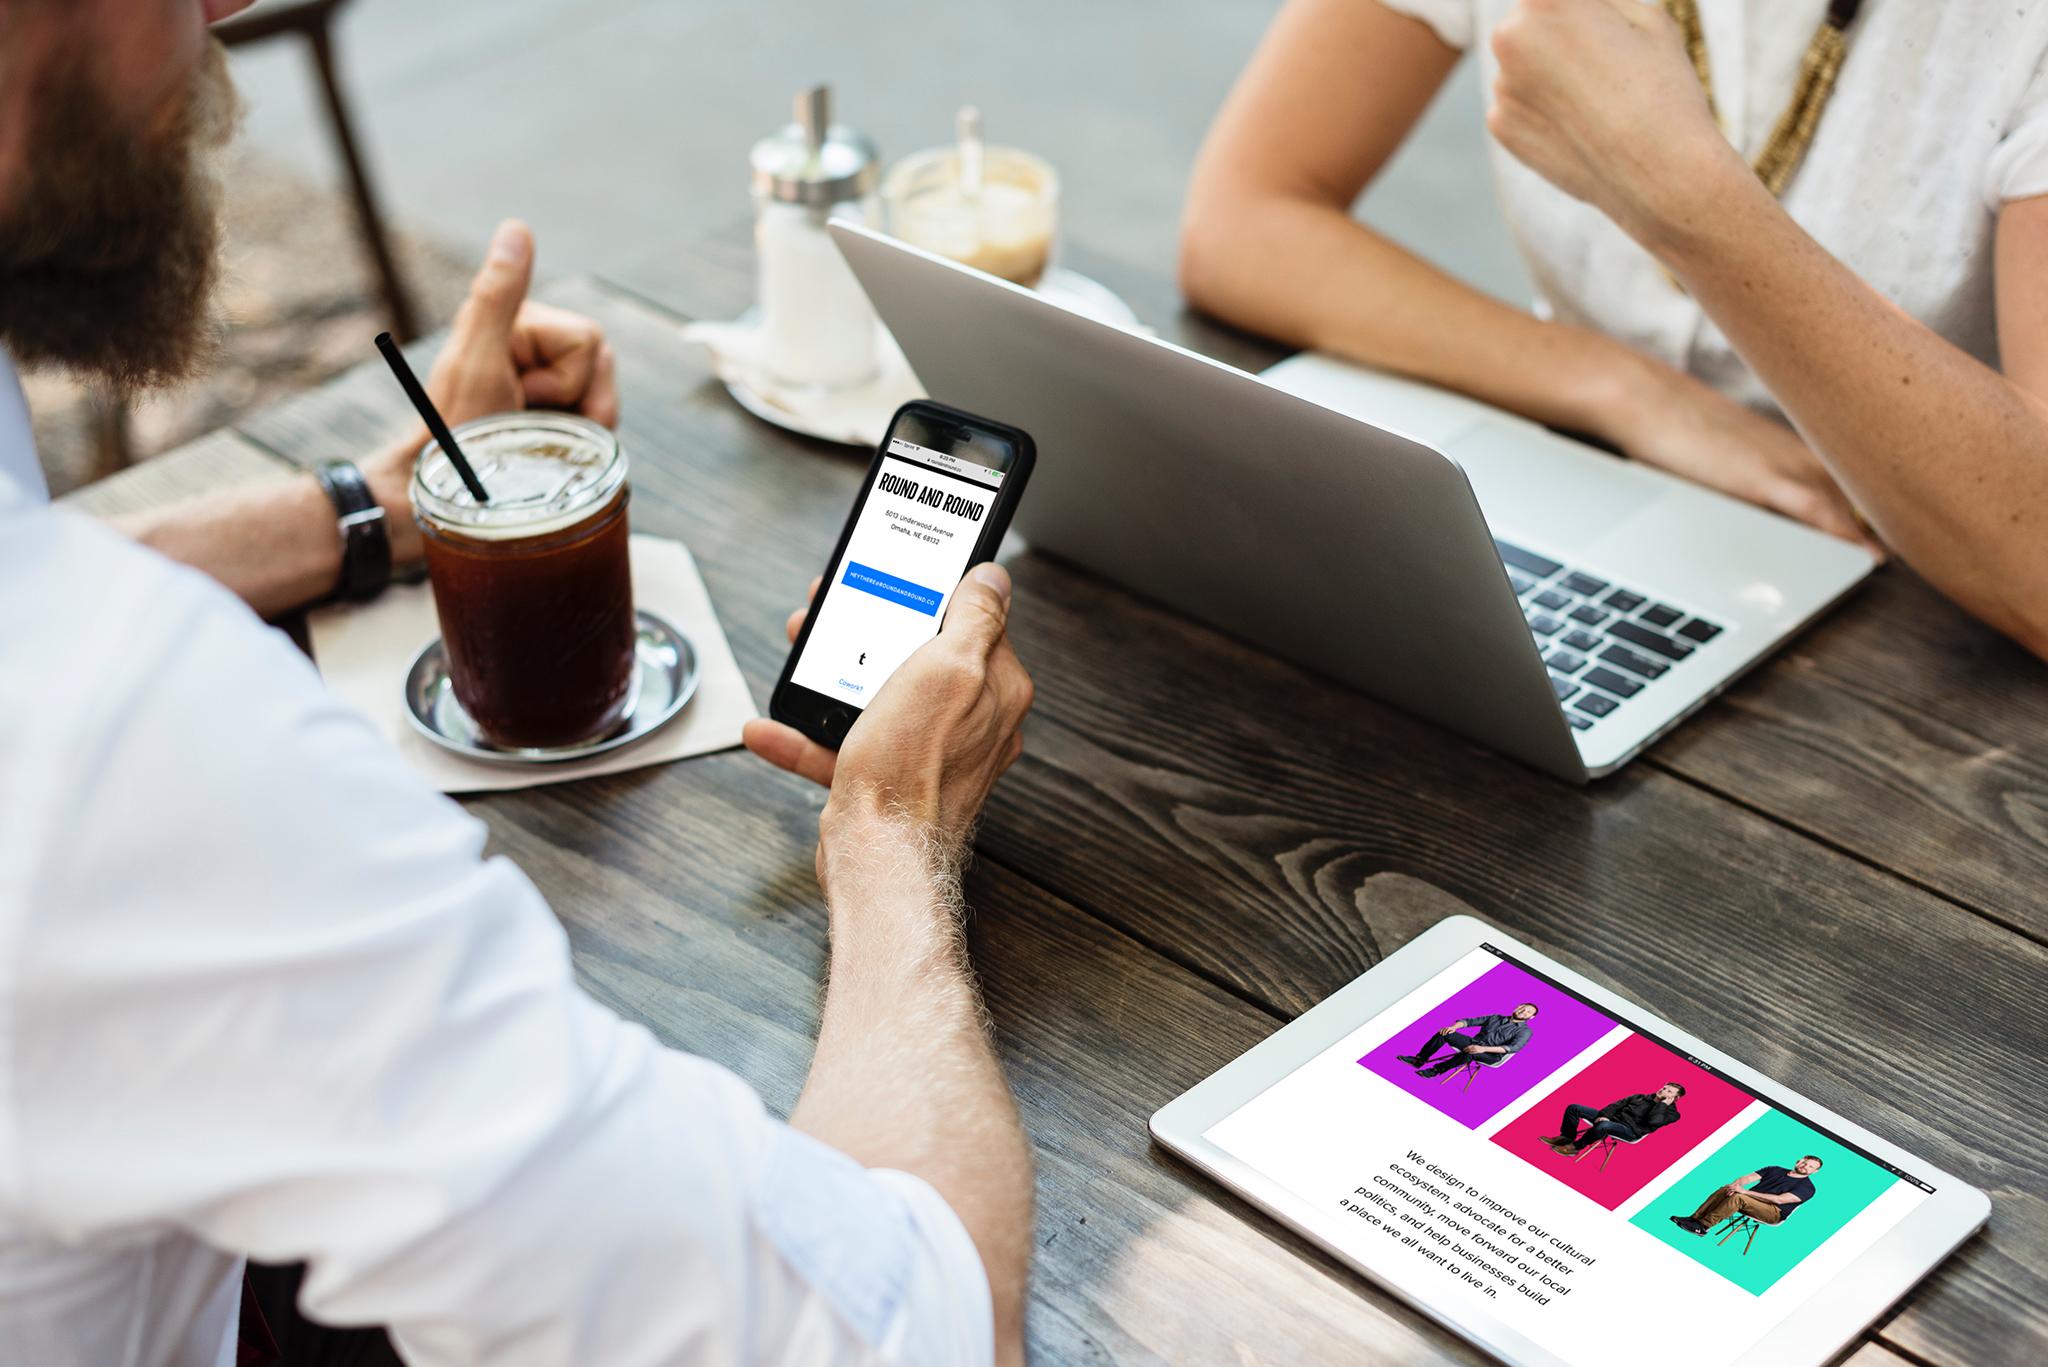 R-R-R_iPhoneiPad_TableSetting.jpg